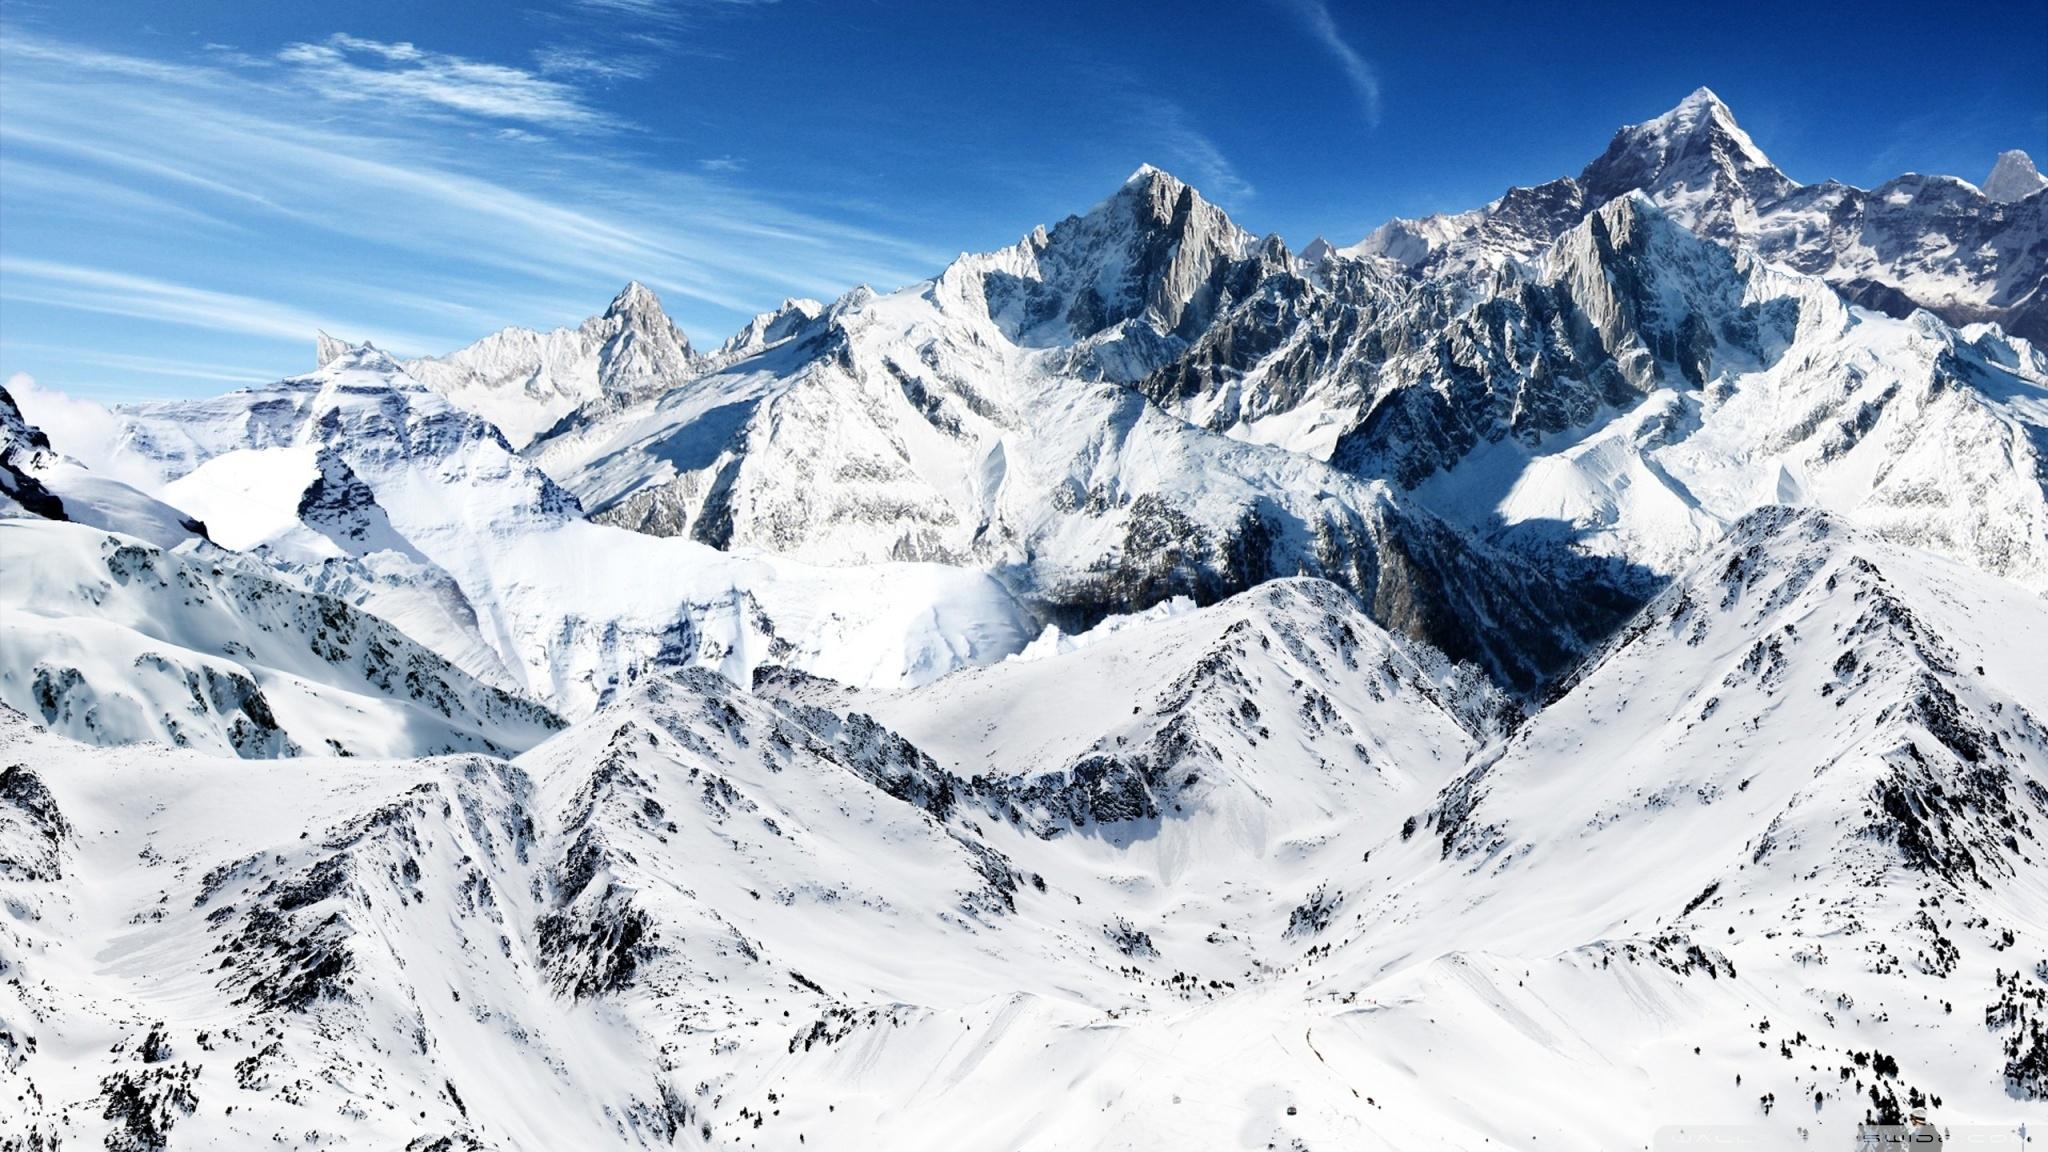 snowy mountain peaks ❤ 4k hd desktop wallpaper for 4k ultra hd tv